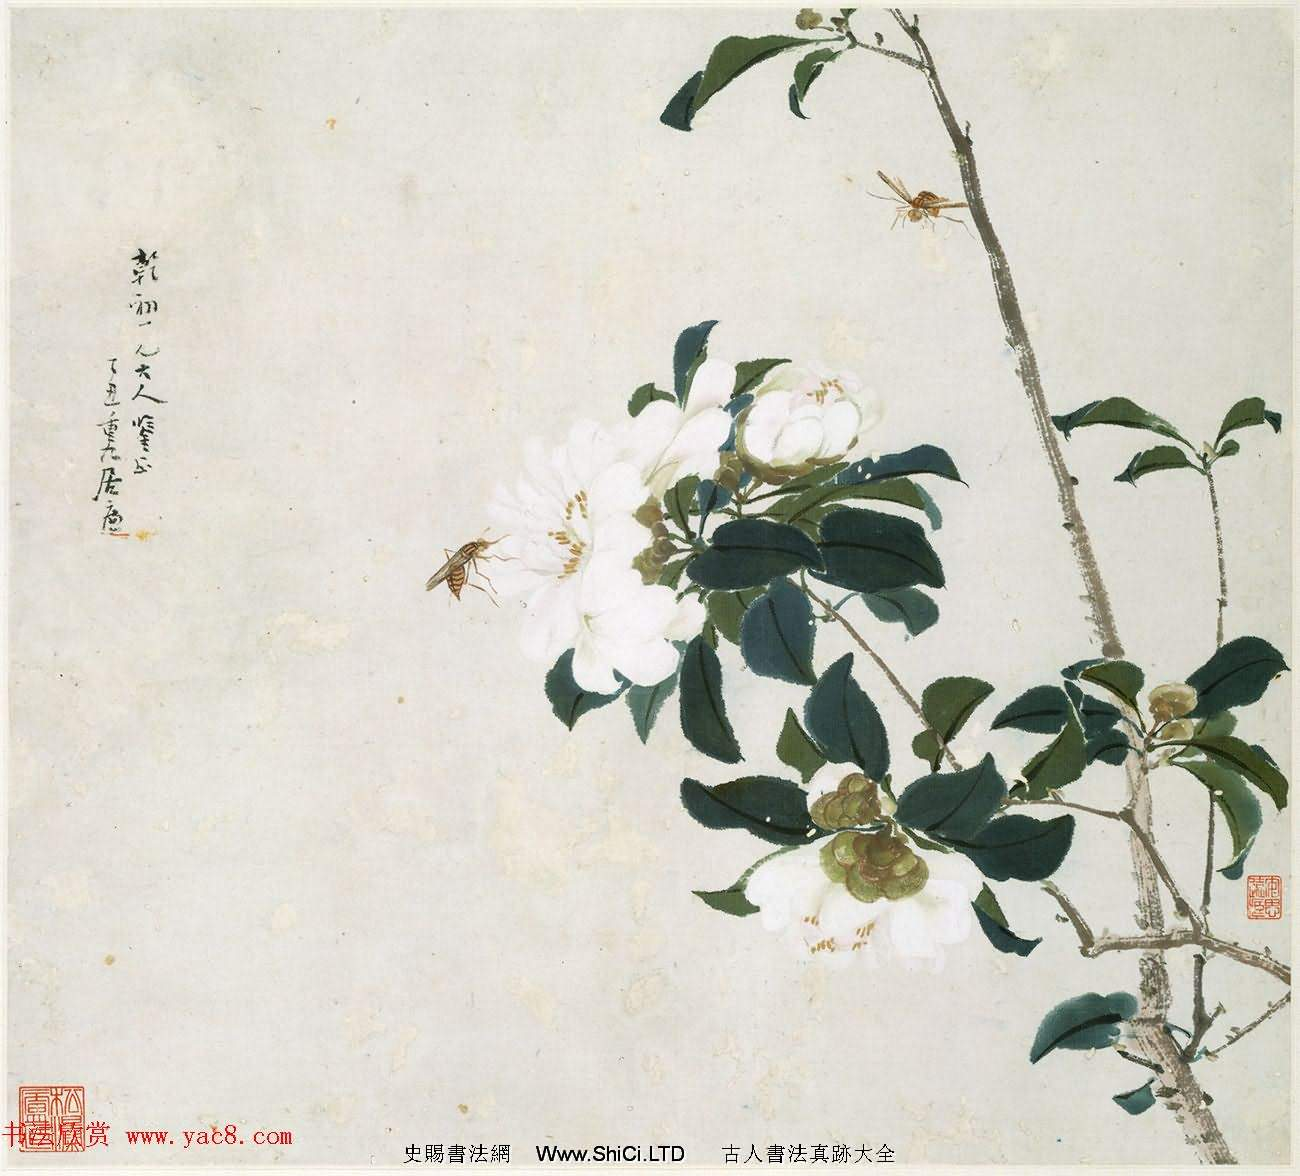 清代居廉花卉蟲草冊頁八開(共8張圖片)